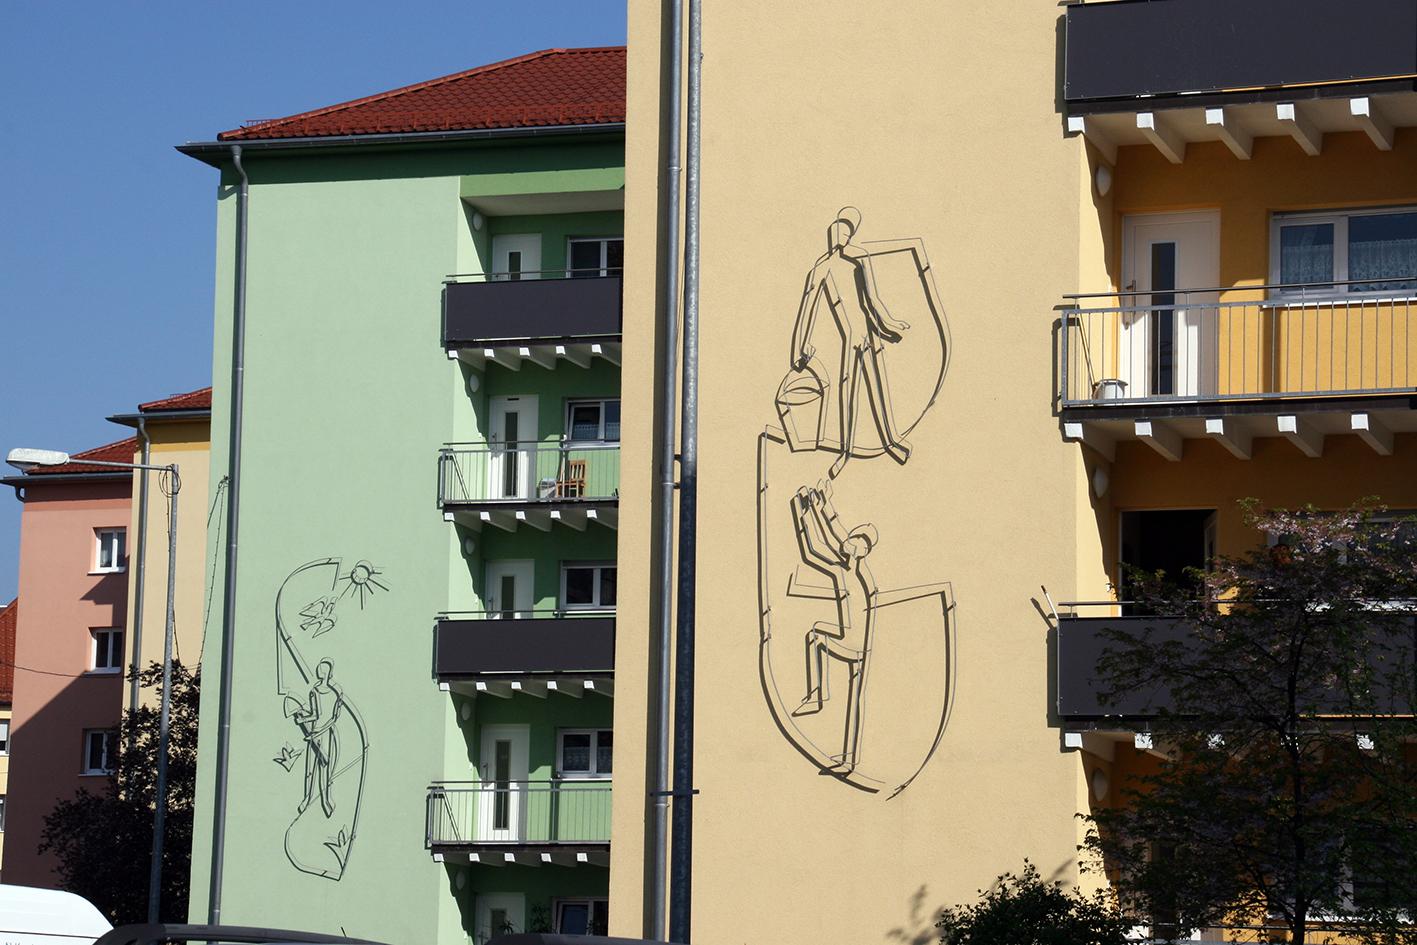 Großzügig Einfache Drahtkunstprojekte Ideen - Der Schaltplan ...